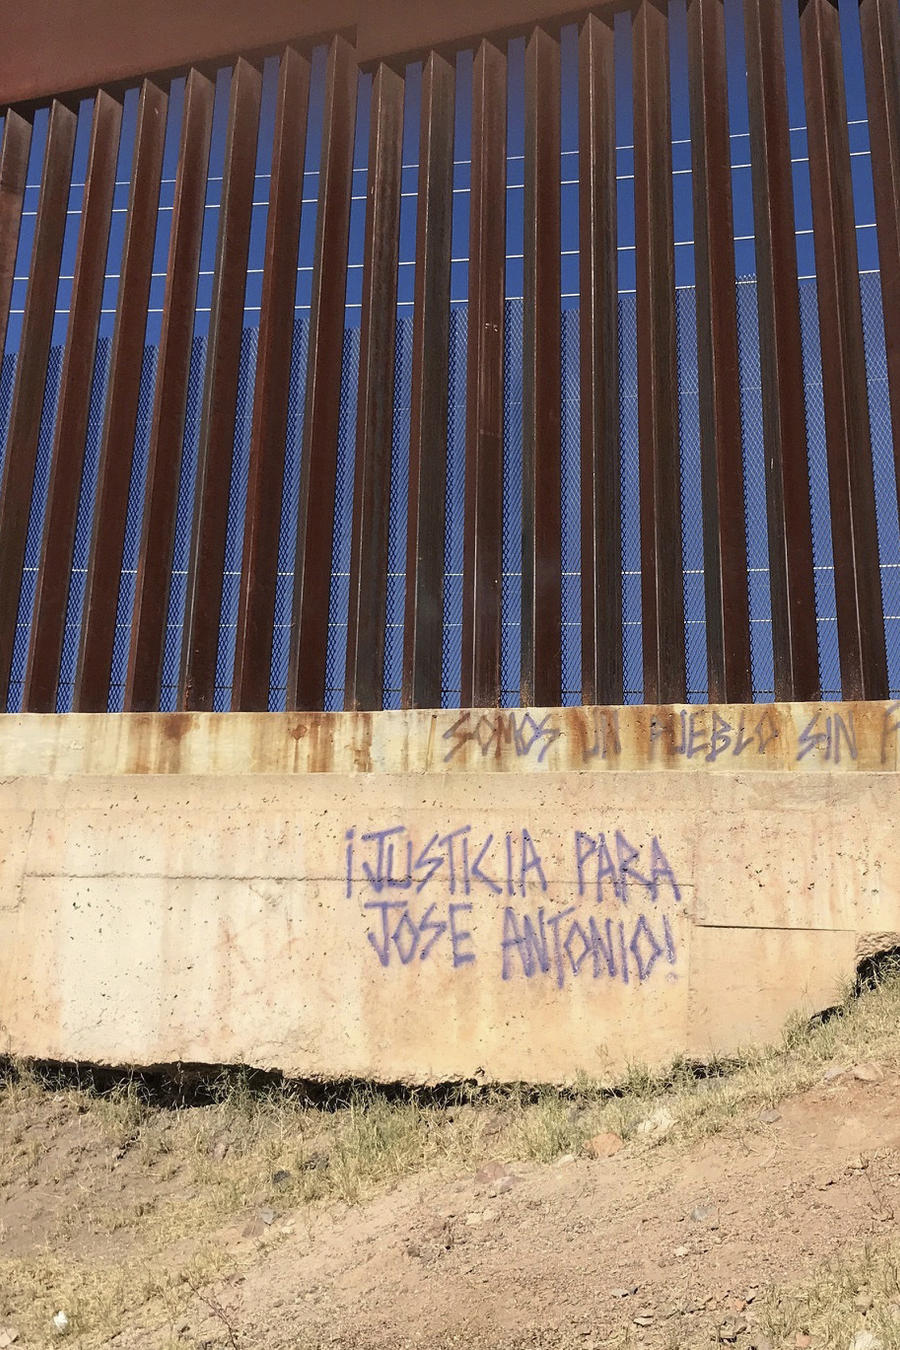 En esta imagen se observa una leyenda pidiendo justicia para el mexicano José Antonio Elena Rodríguez.